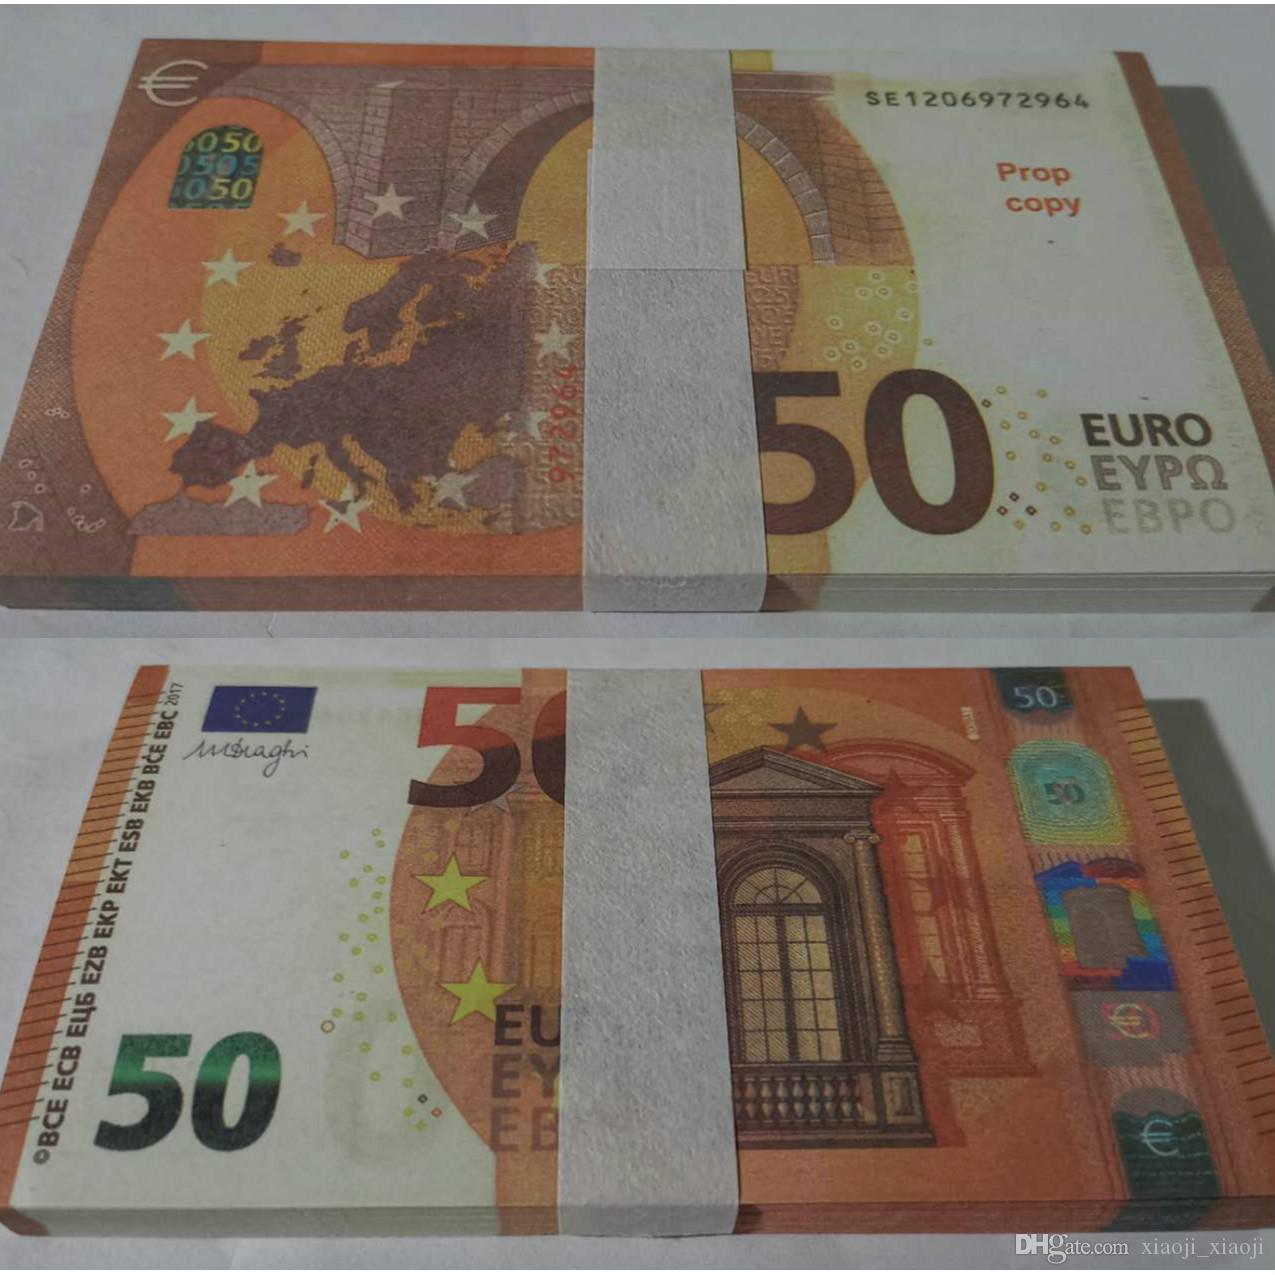 Trick präsentiert Urlaub Faux Währungsstütze Kinder Beste Bühne Kopie Geld Spielzeug Party Geld Banknote Euro Festival Sammlungen 50 Billet P SXMJ